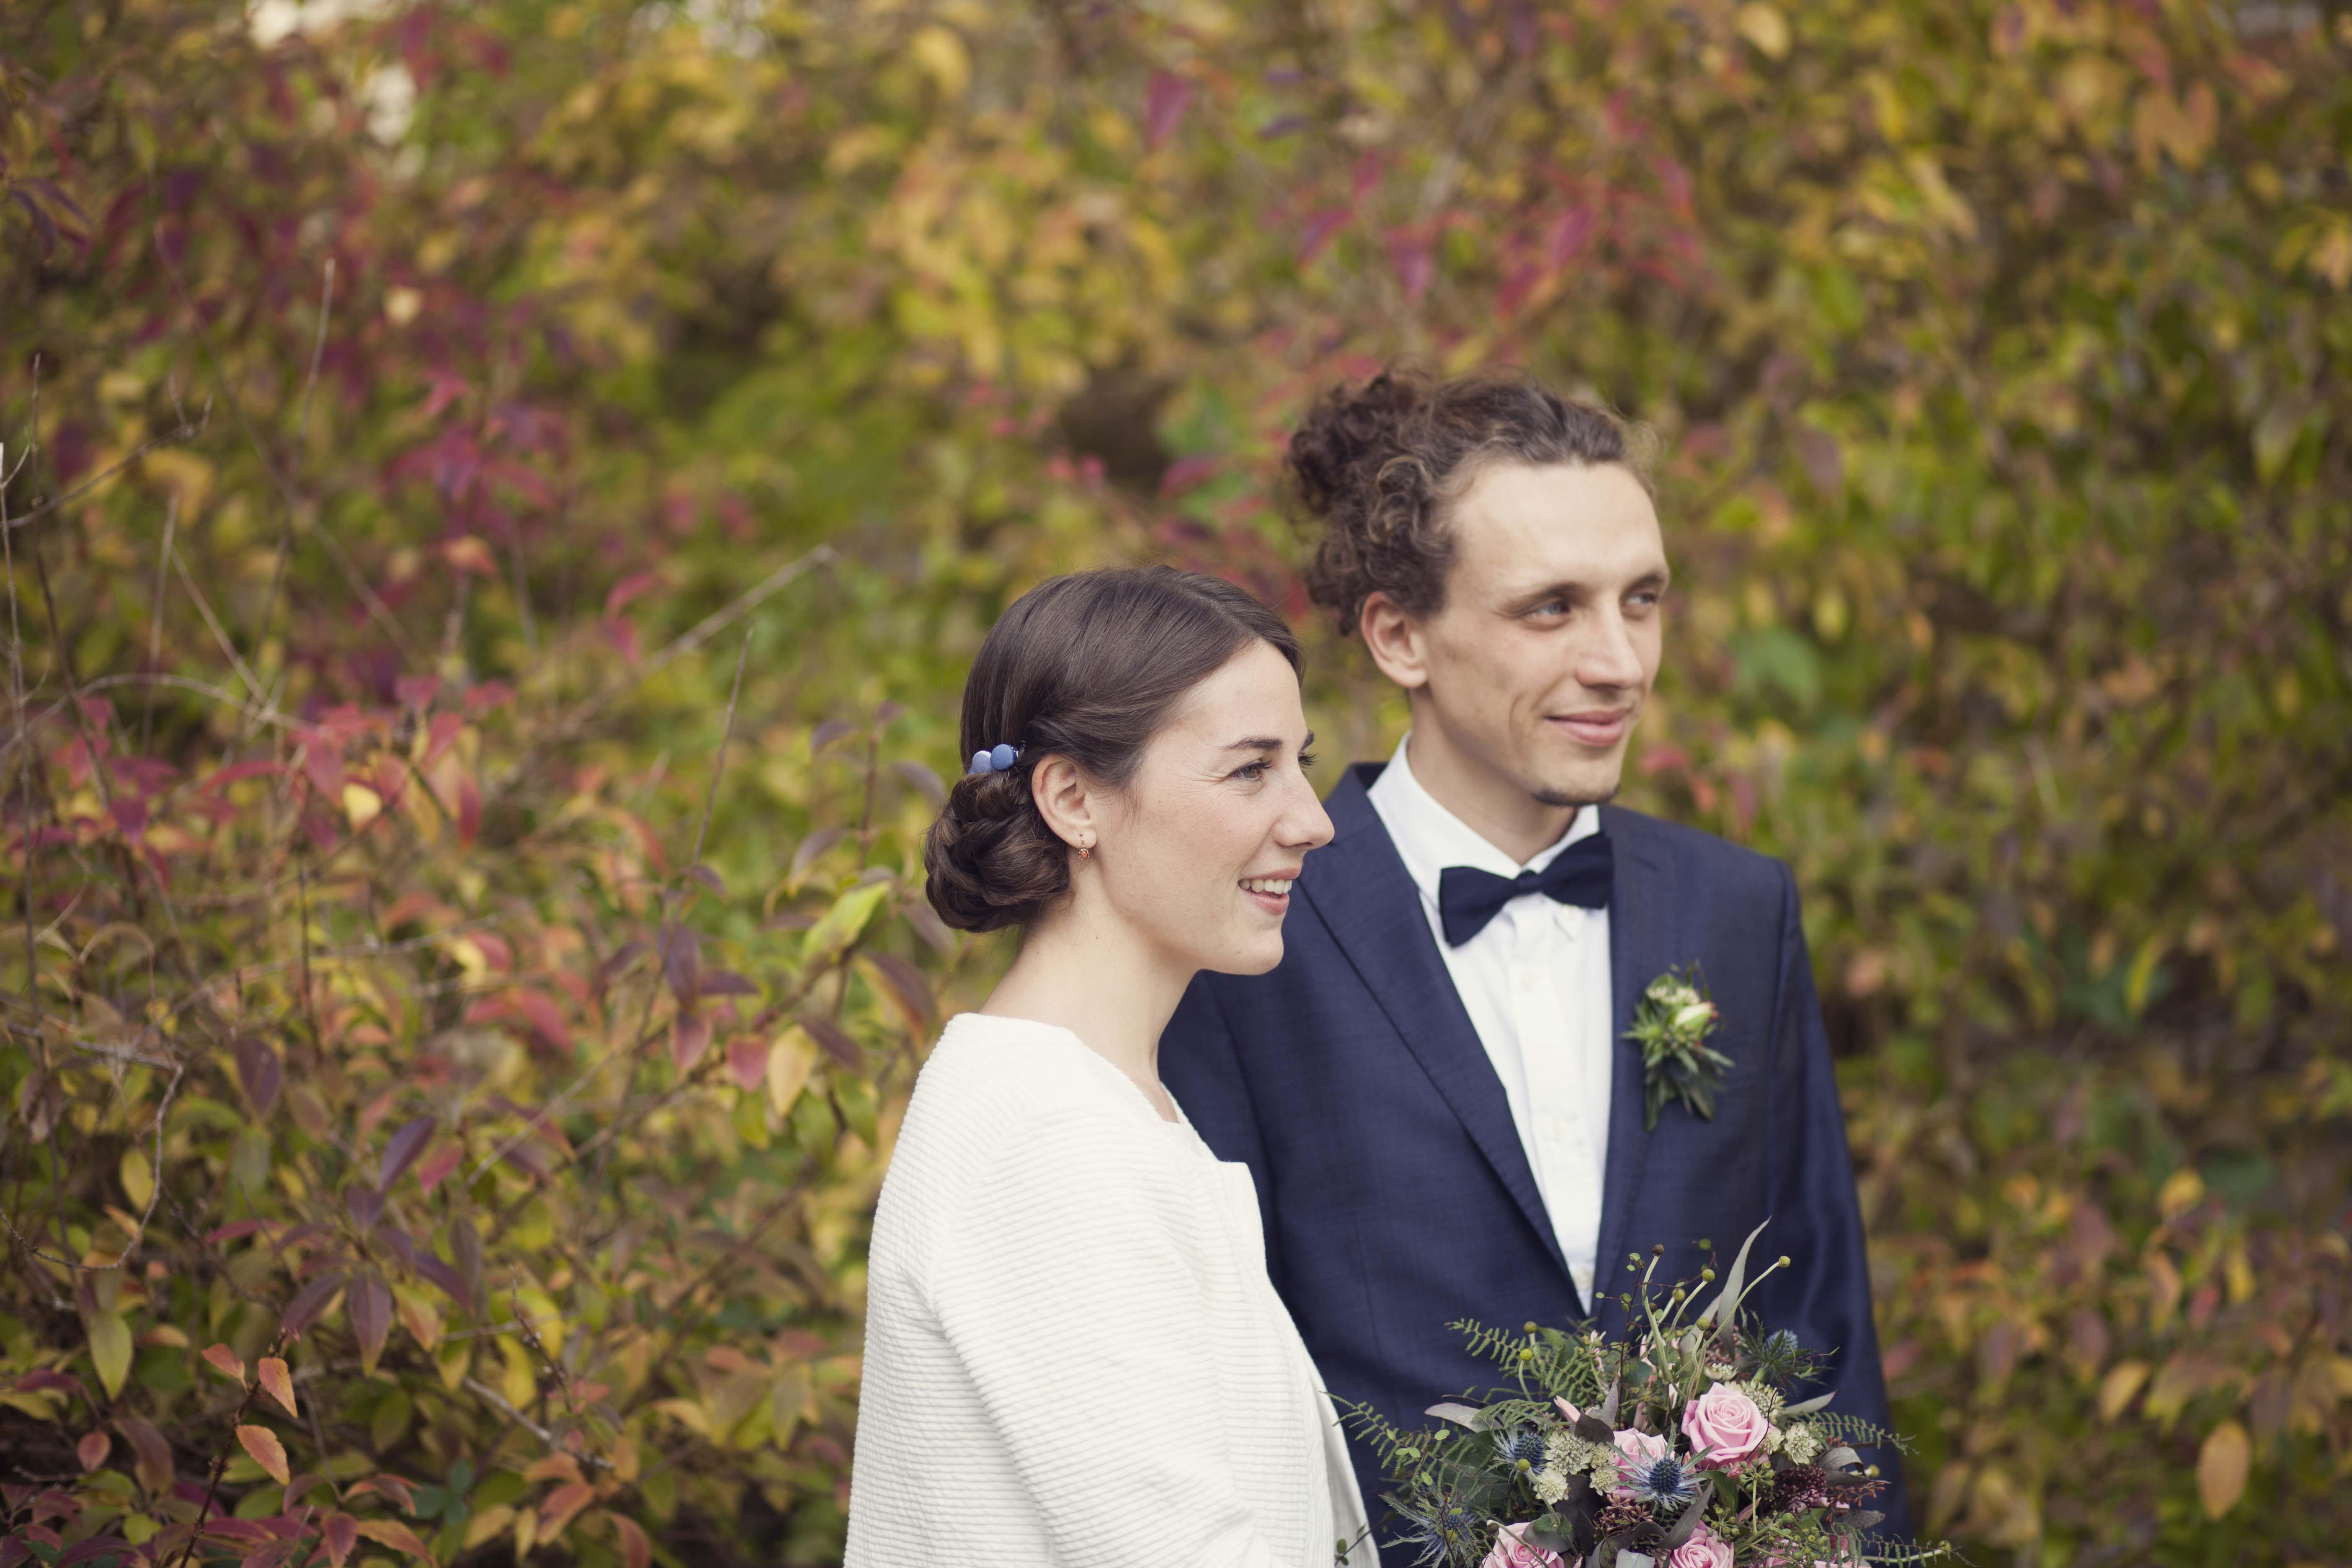 HochzeitsreportageLeipzig5